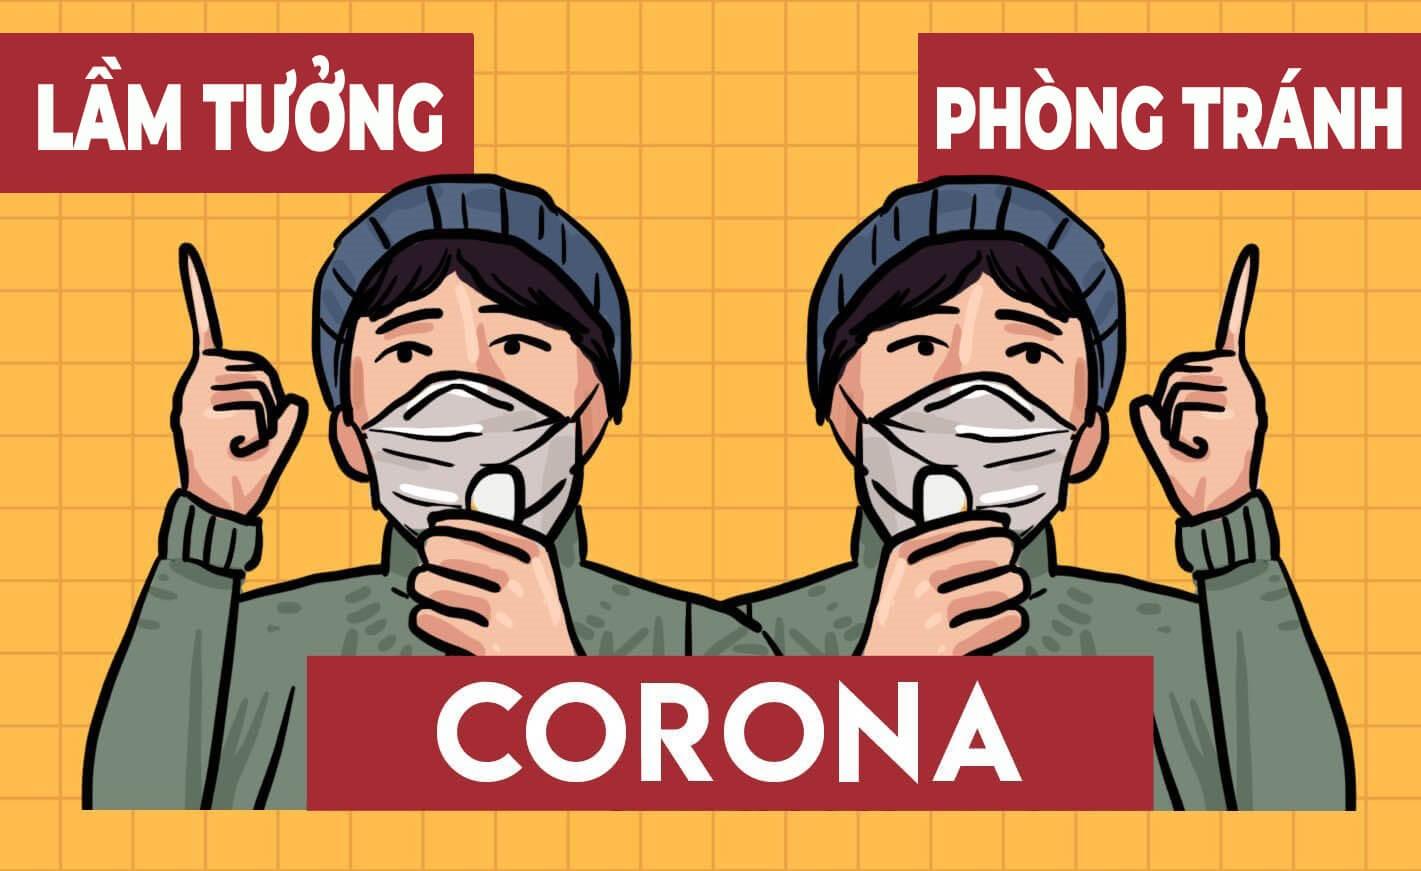 nhung-lam-tuong-ve-cach-phong-tranh-corona